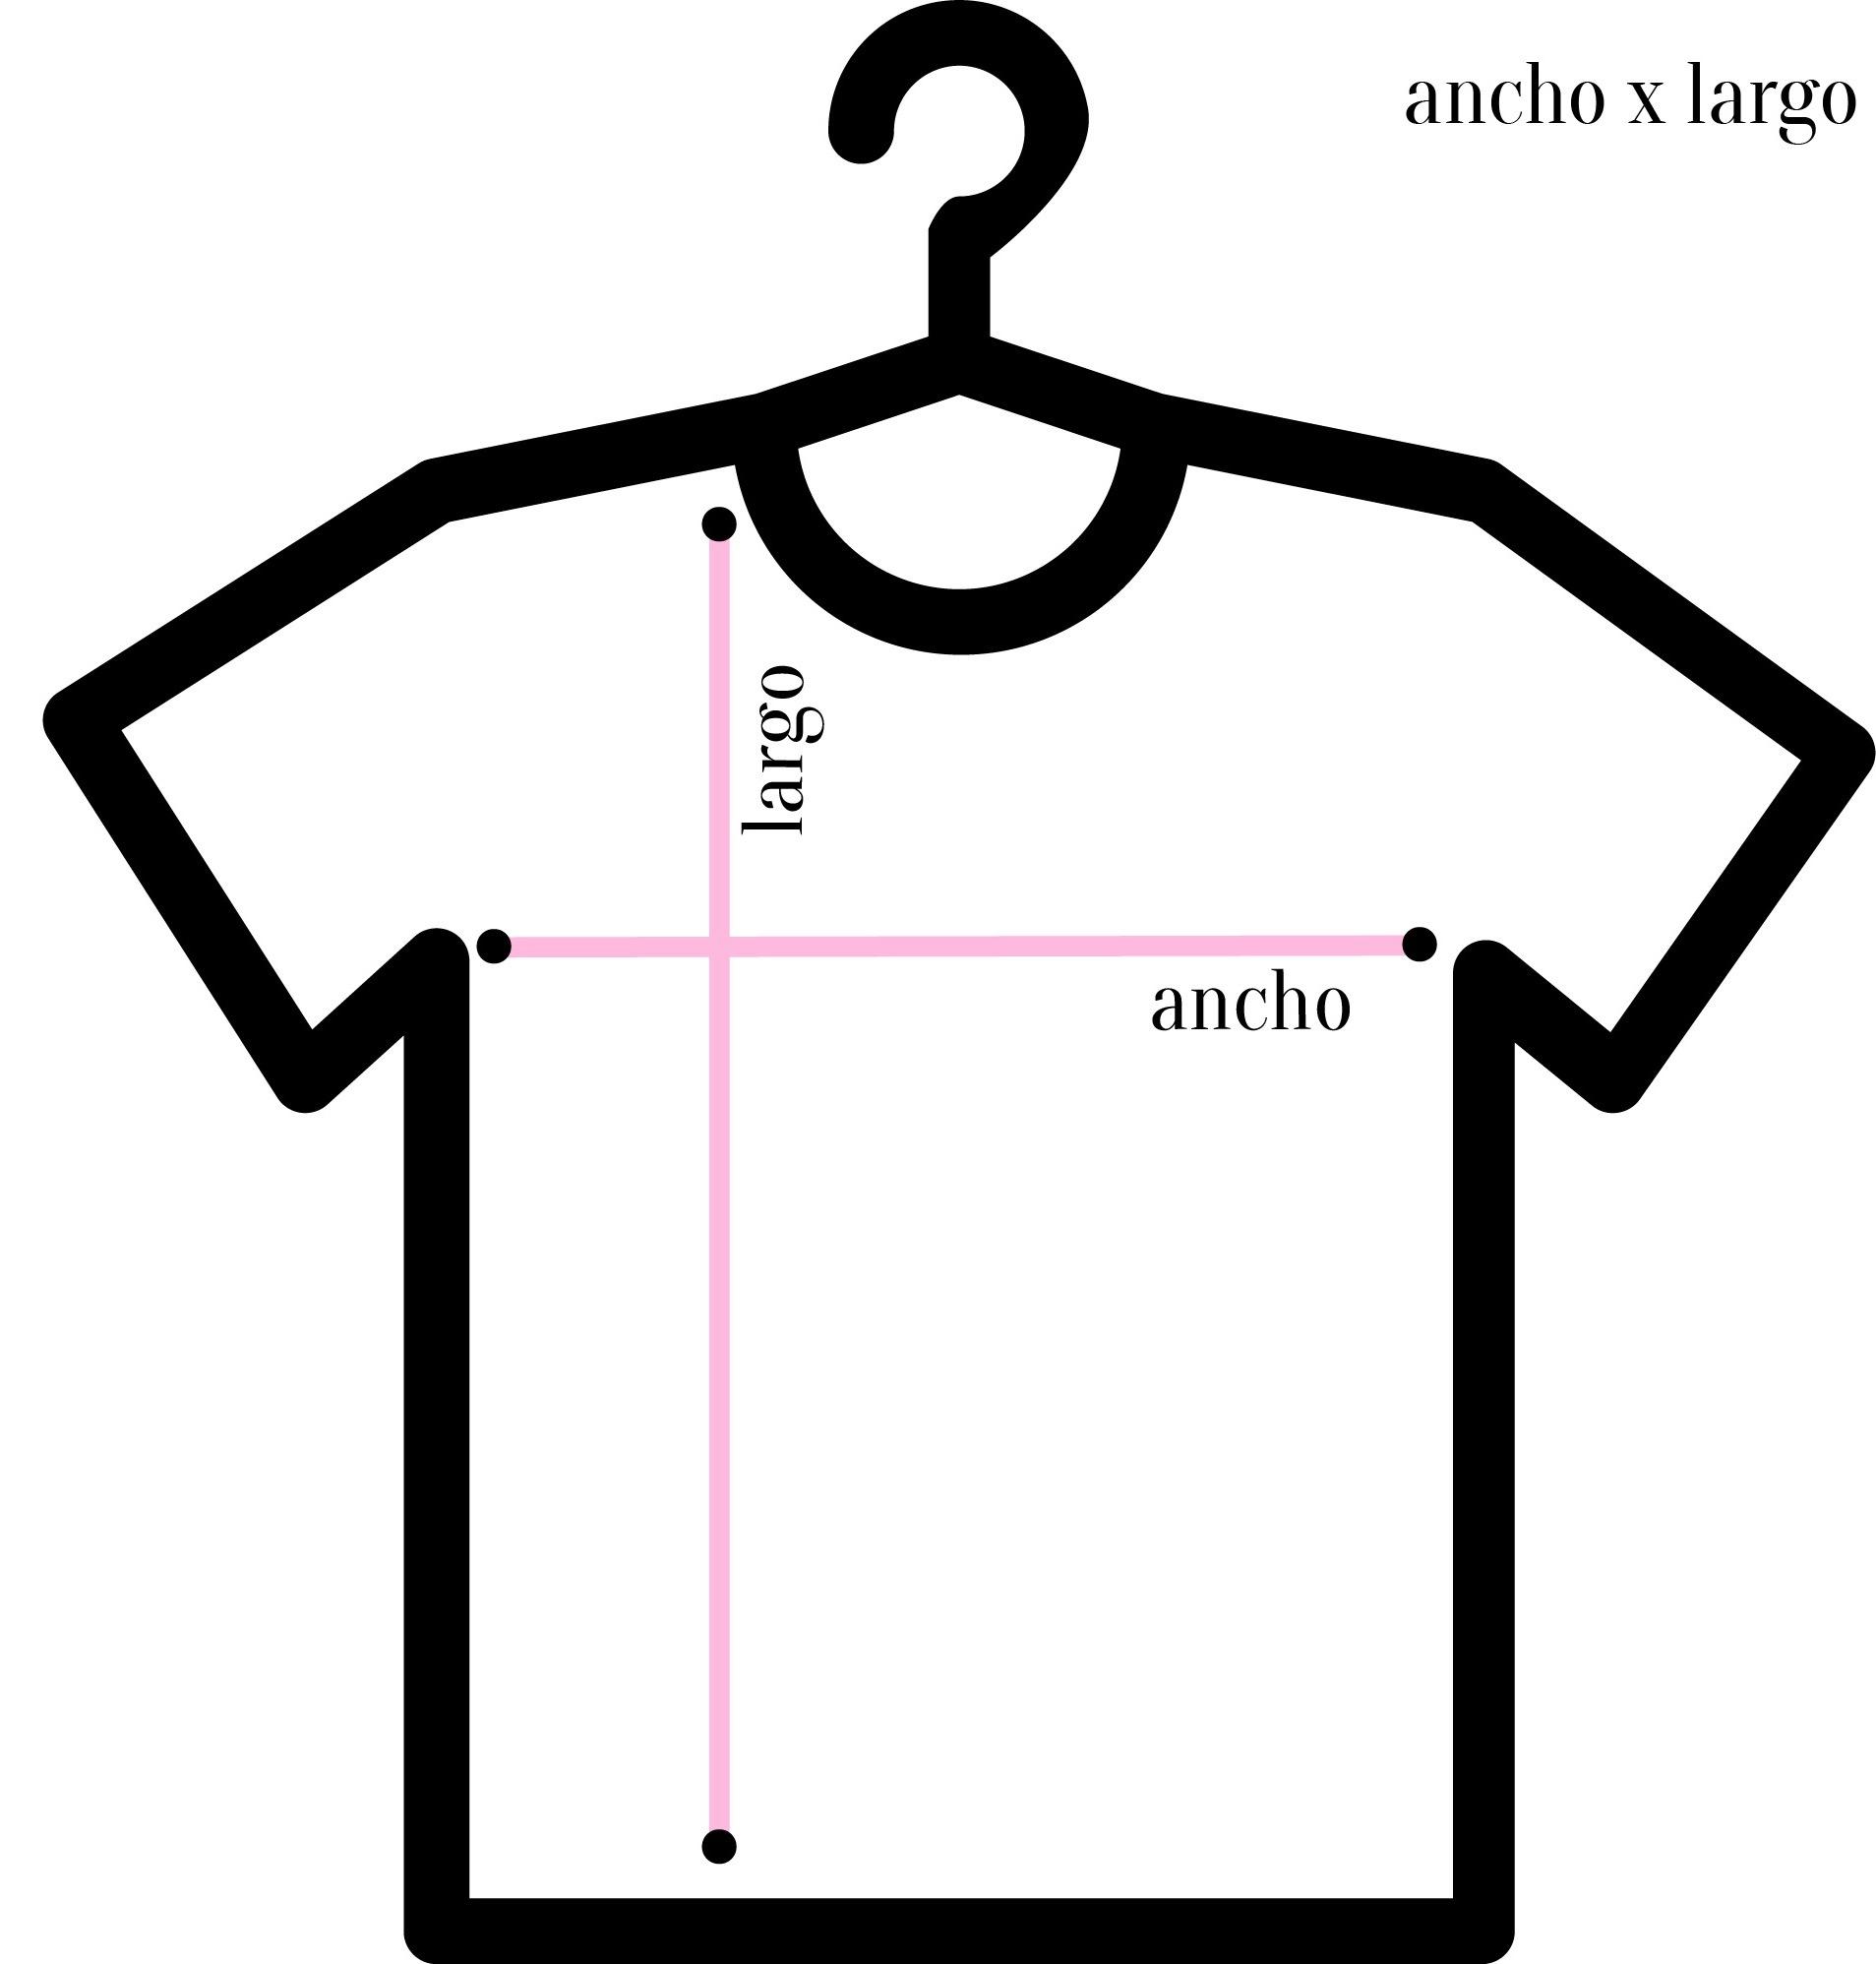 medidas 2.jpg